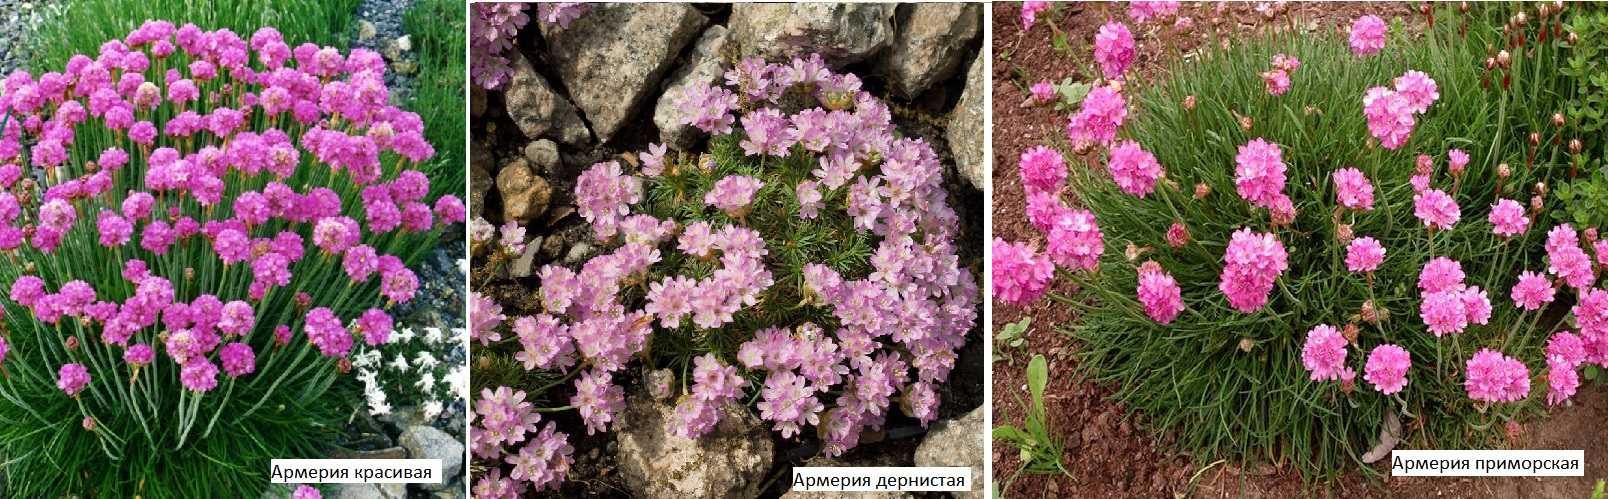 Название цветка. разновидности цветов. самые необычные цветы